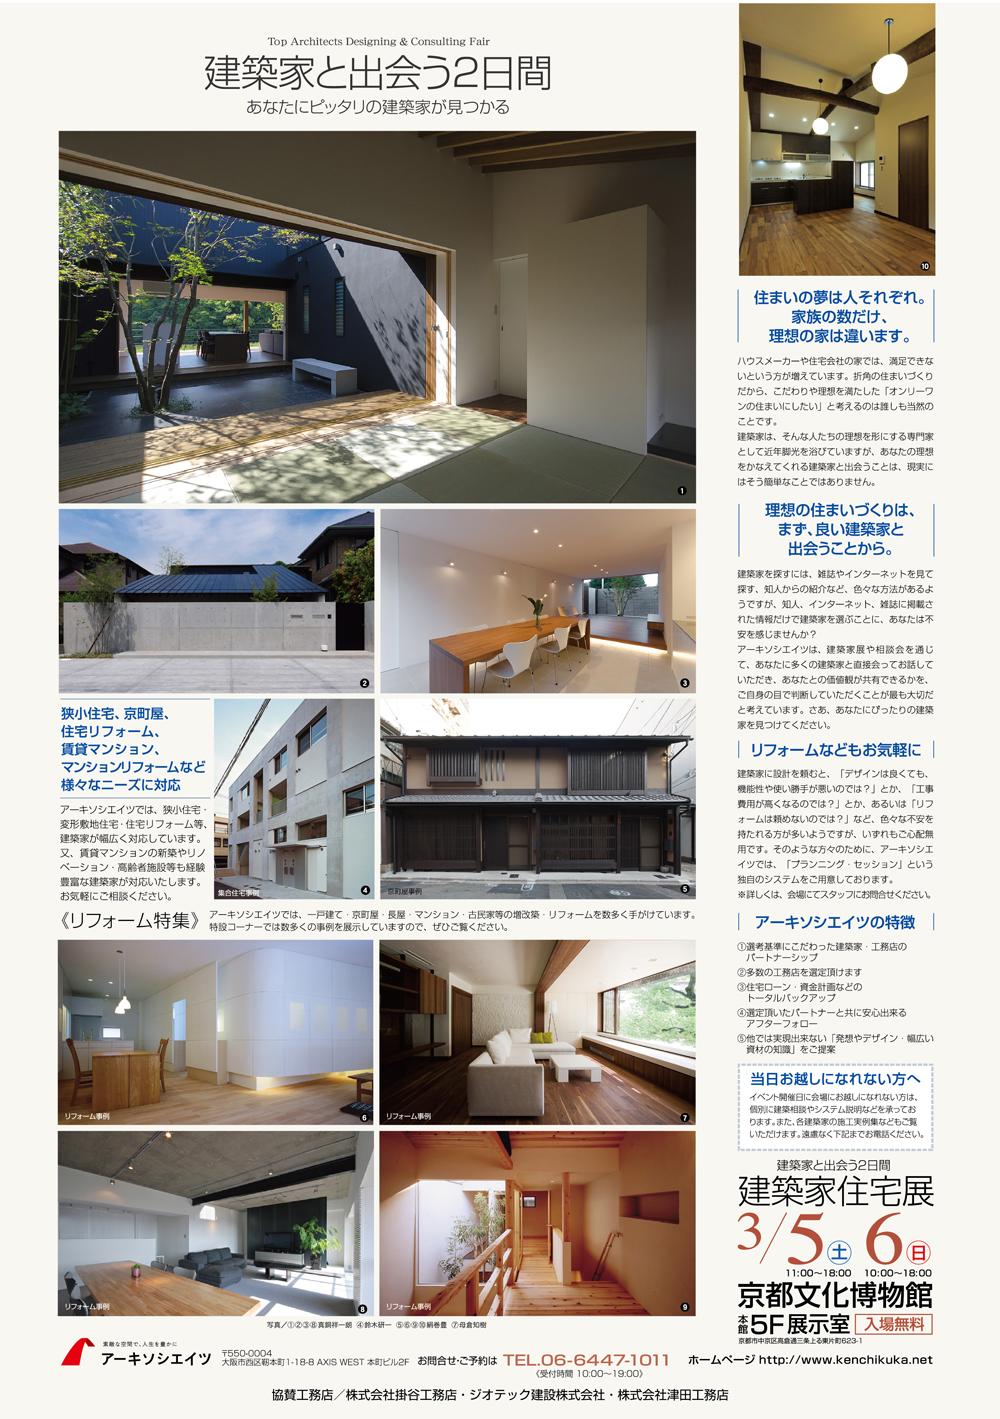 2015.9神戸チラシ裏 [更新済み]